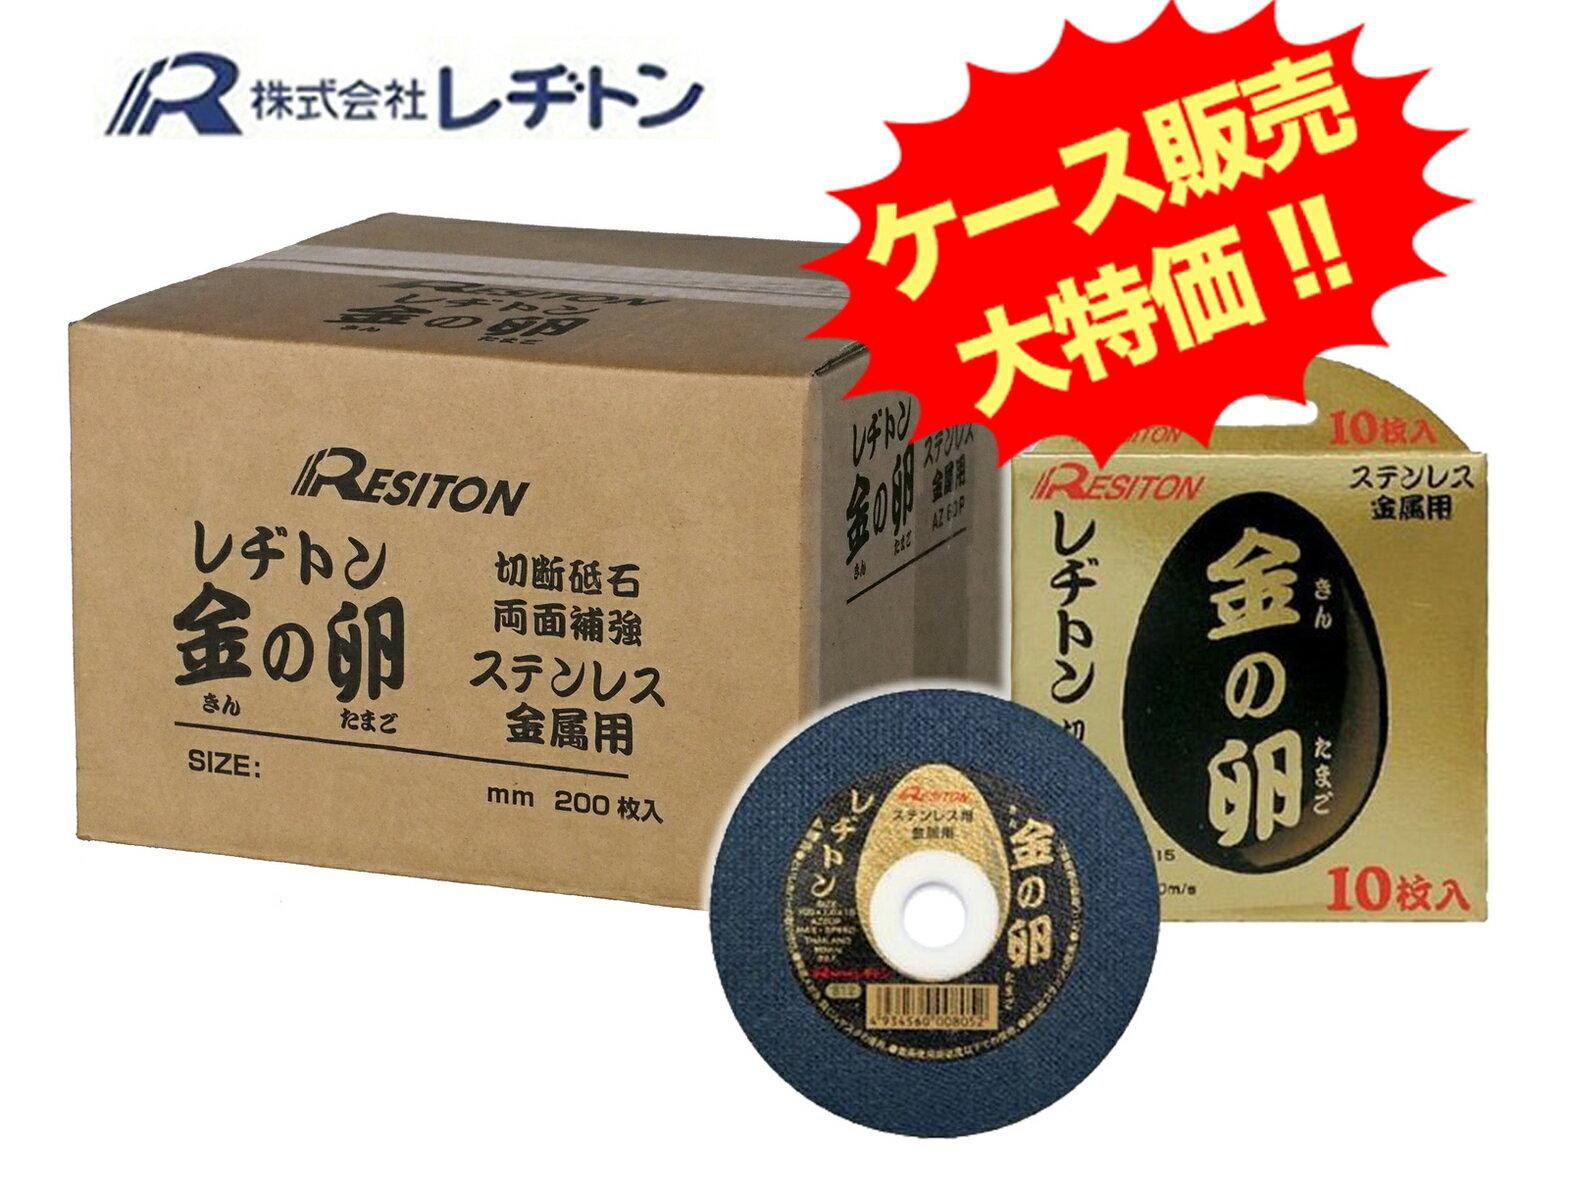 【売れ切れ次第終了】レヂトン 金の卵 105×1.0×15 200枚入り【送料無料】